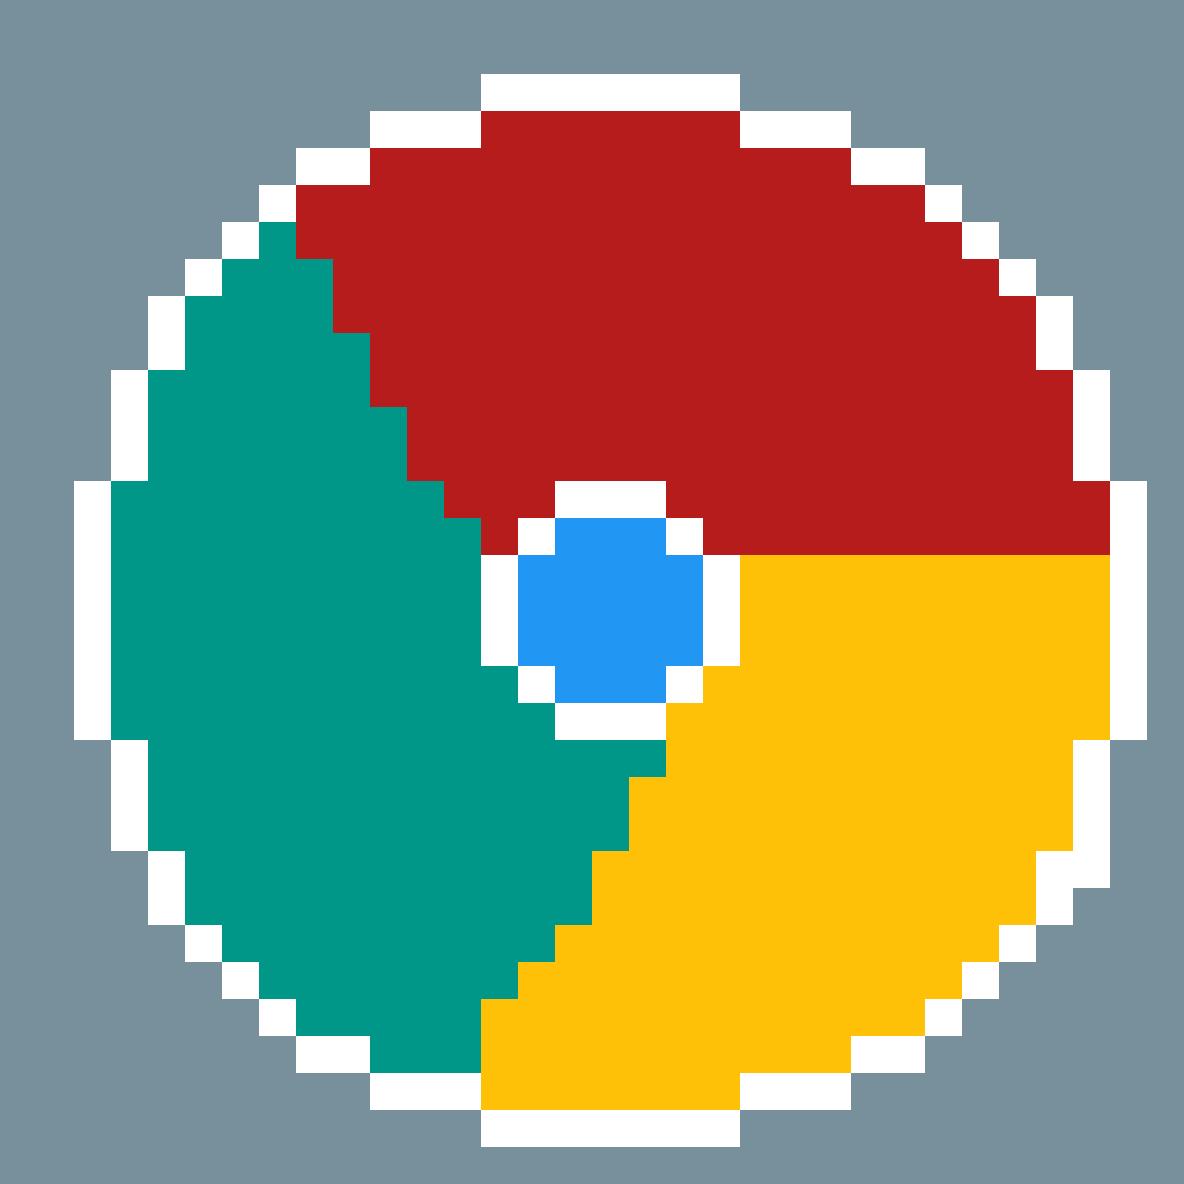 Chrome OS logo by Artsy14